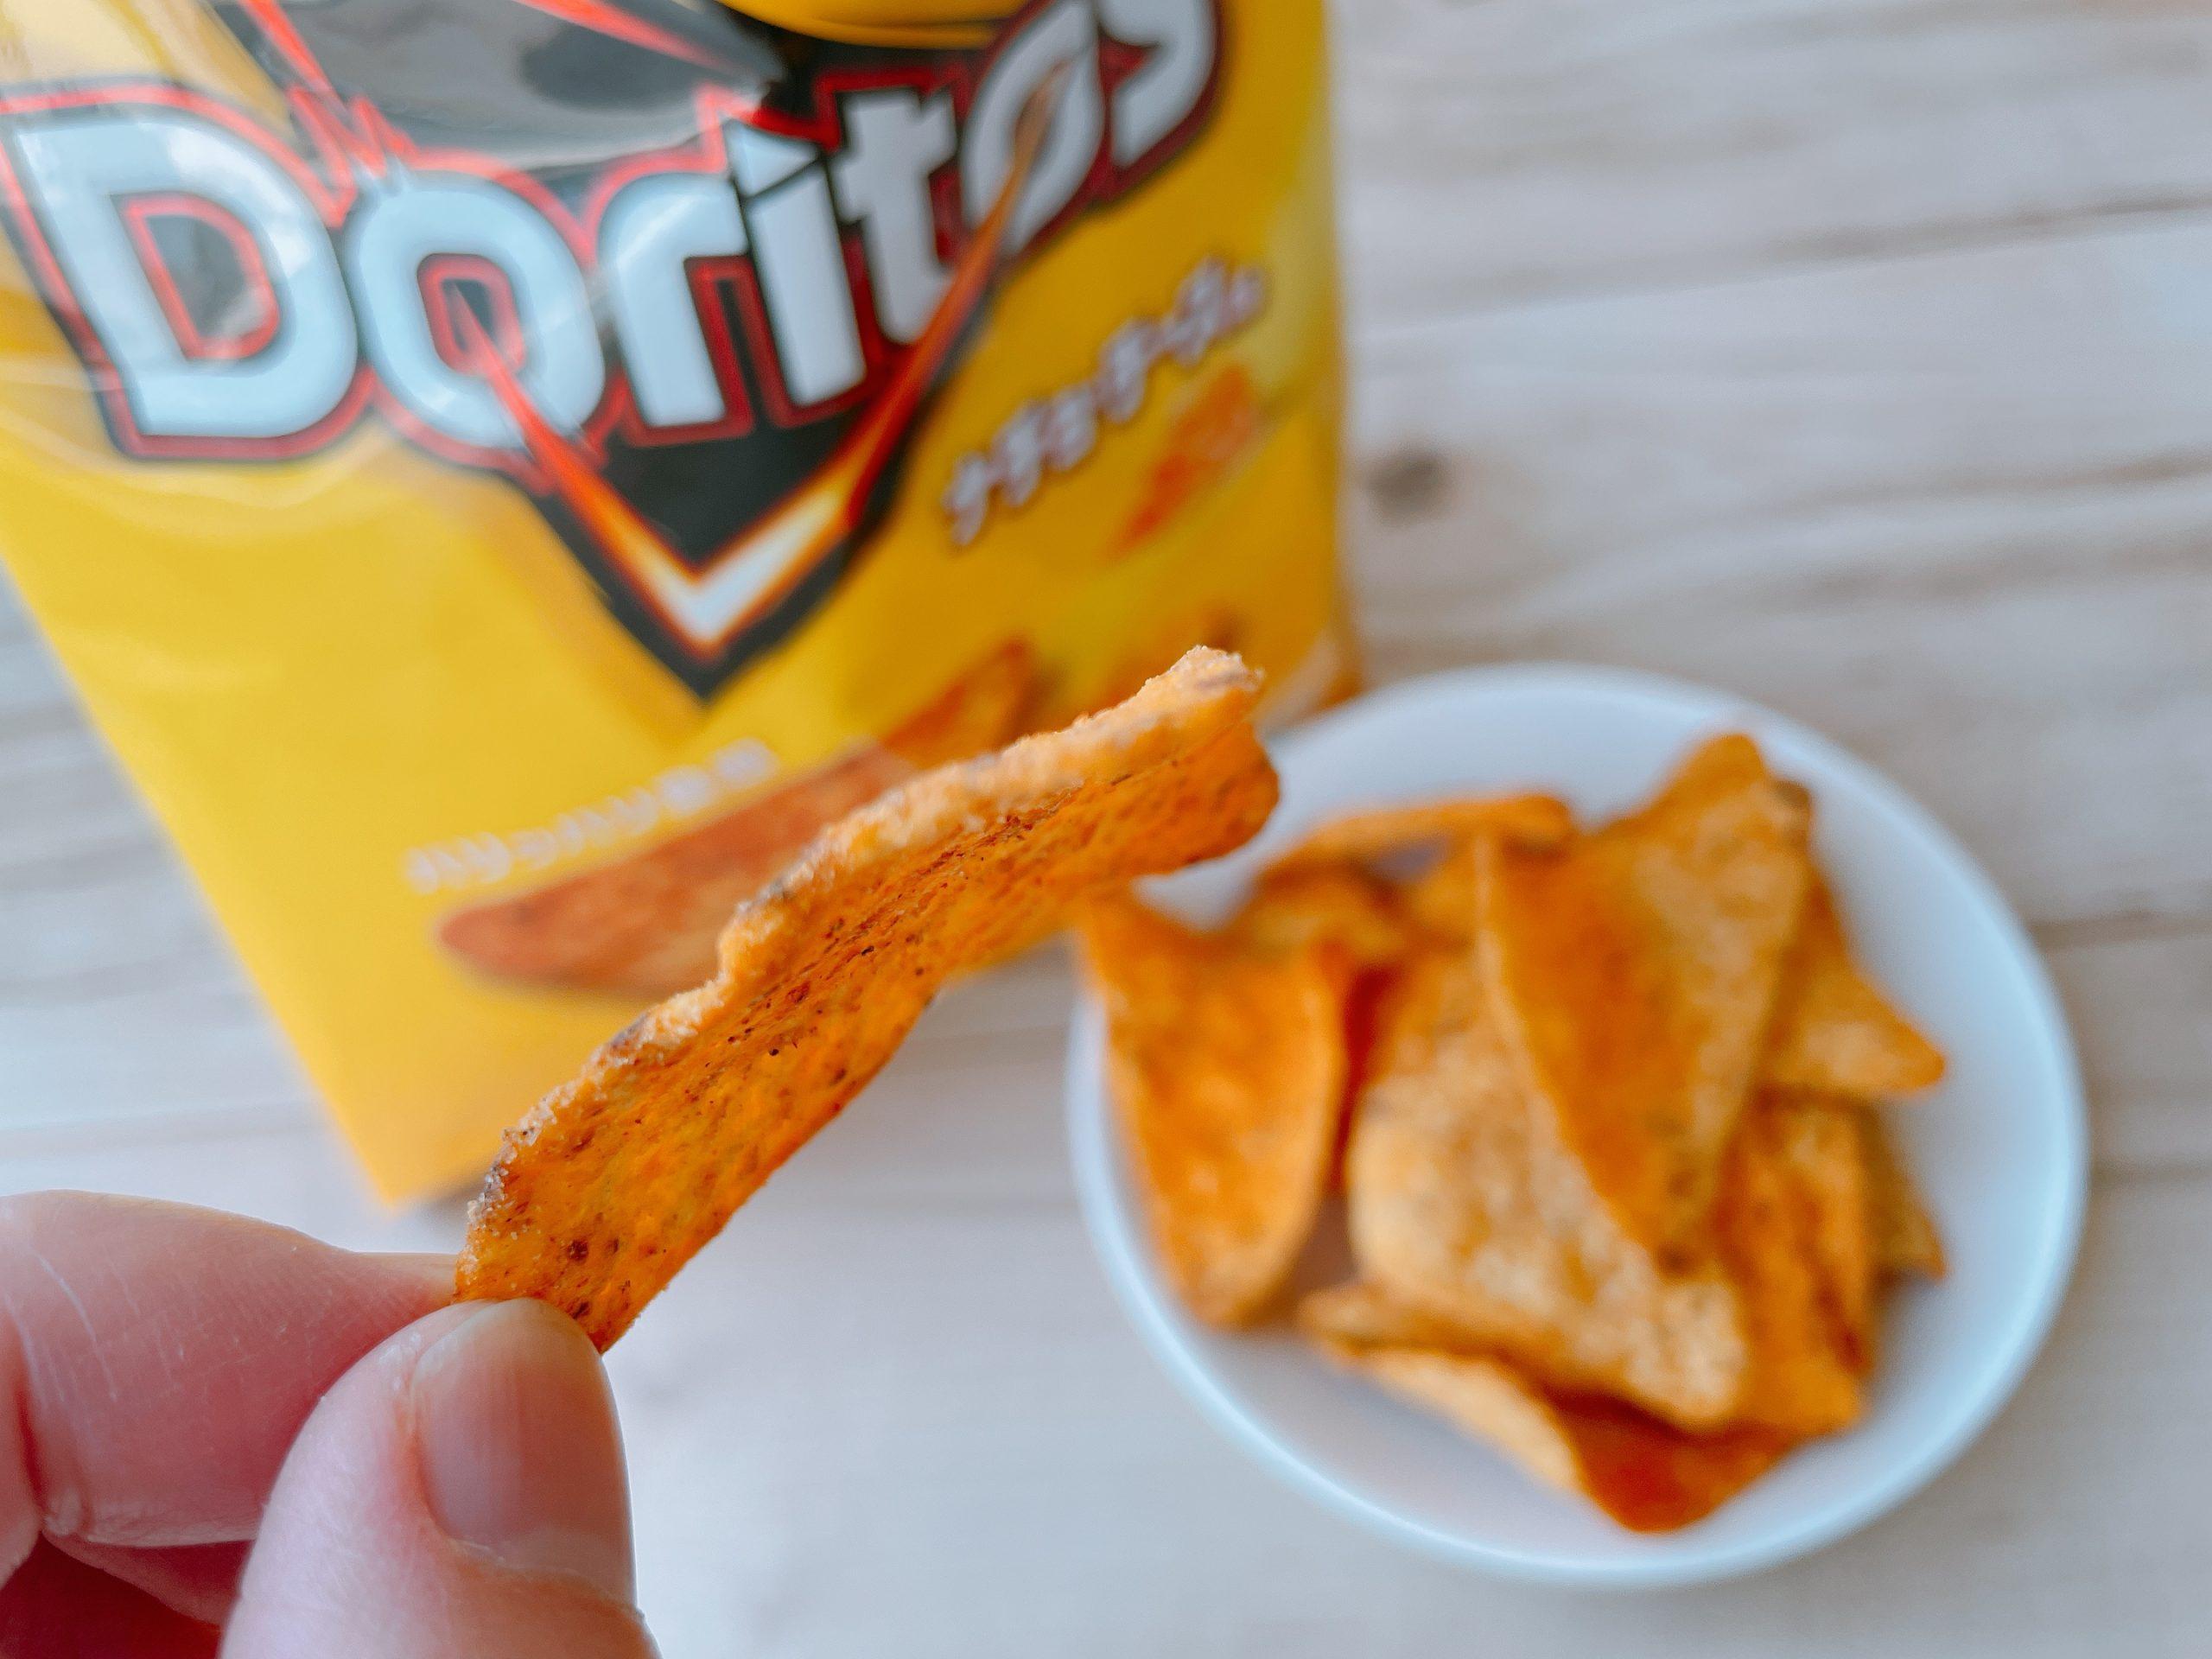 ドリトスのナチョ・チーズ味は、あとからクセがぐわっとくる